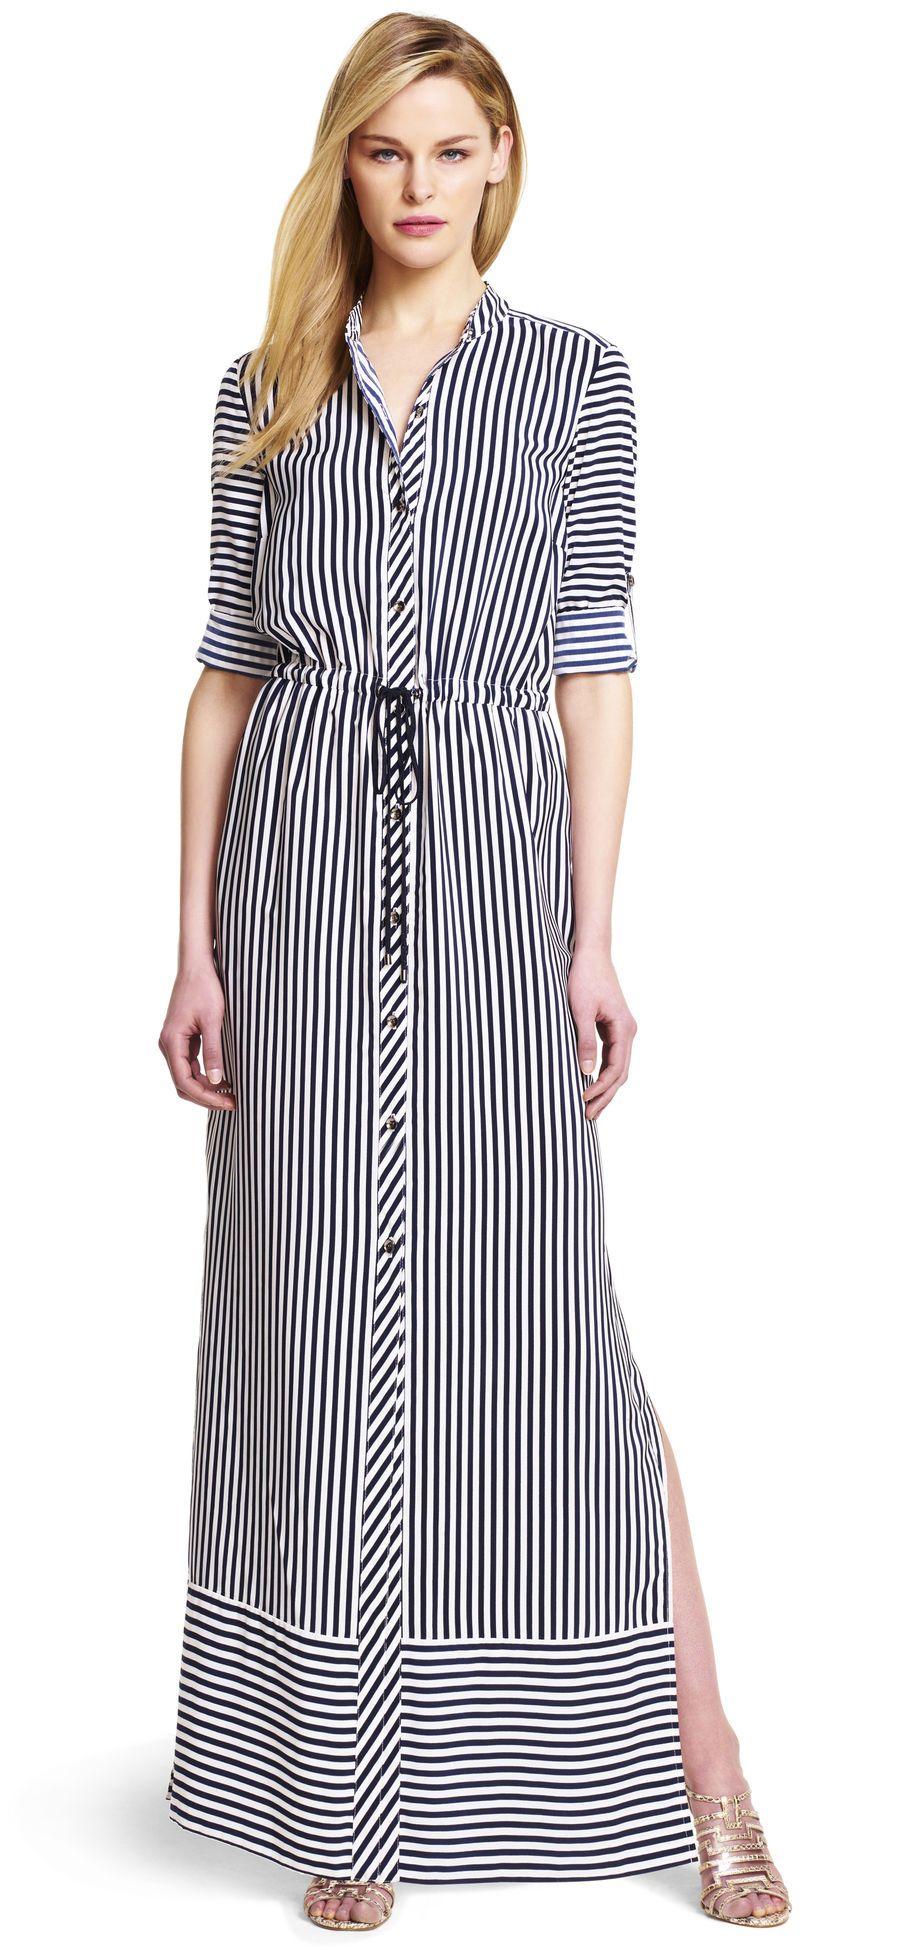 100% de qualité supérieure plus tard design de qualité Striped Maxi Shirtdress | Robe longue à rayures, Robe chemise et ...